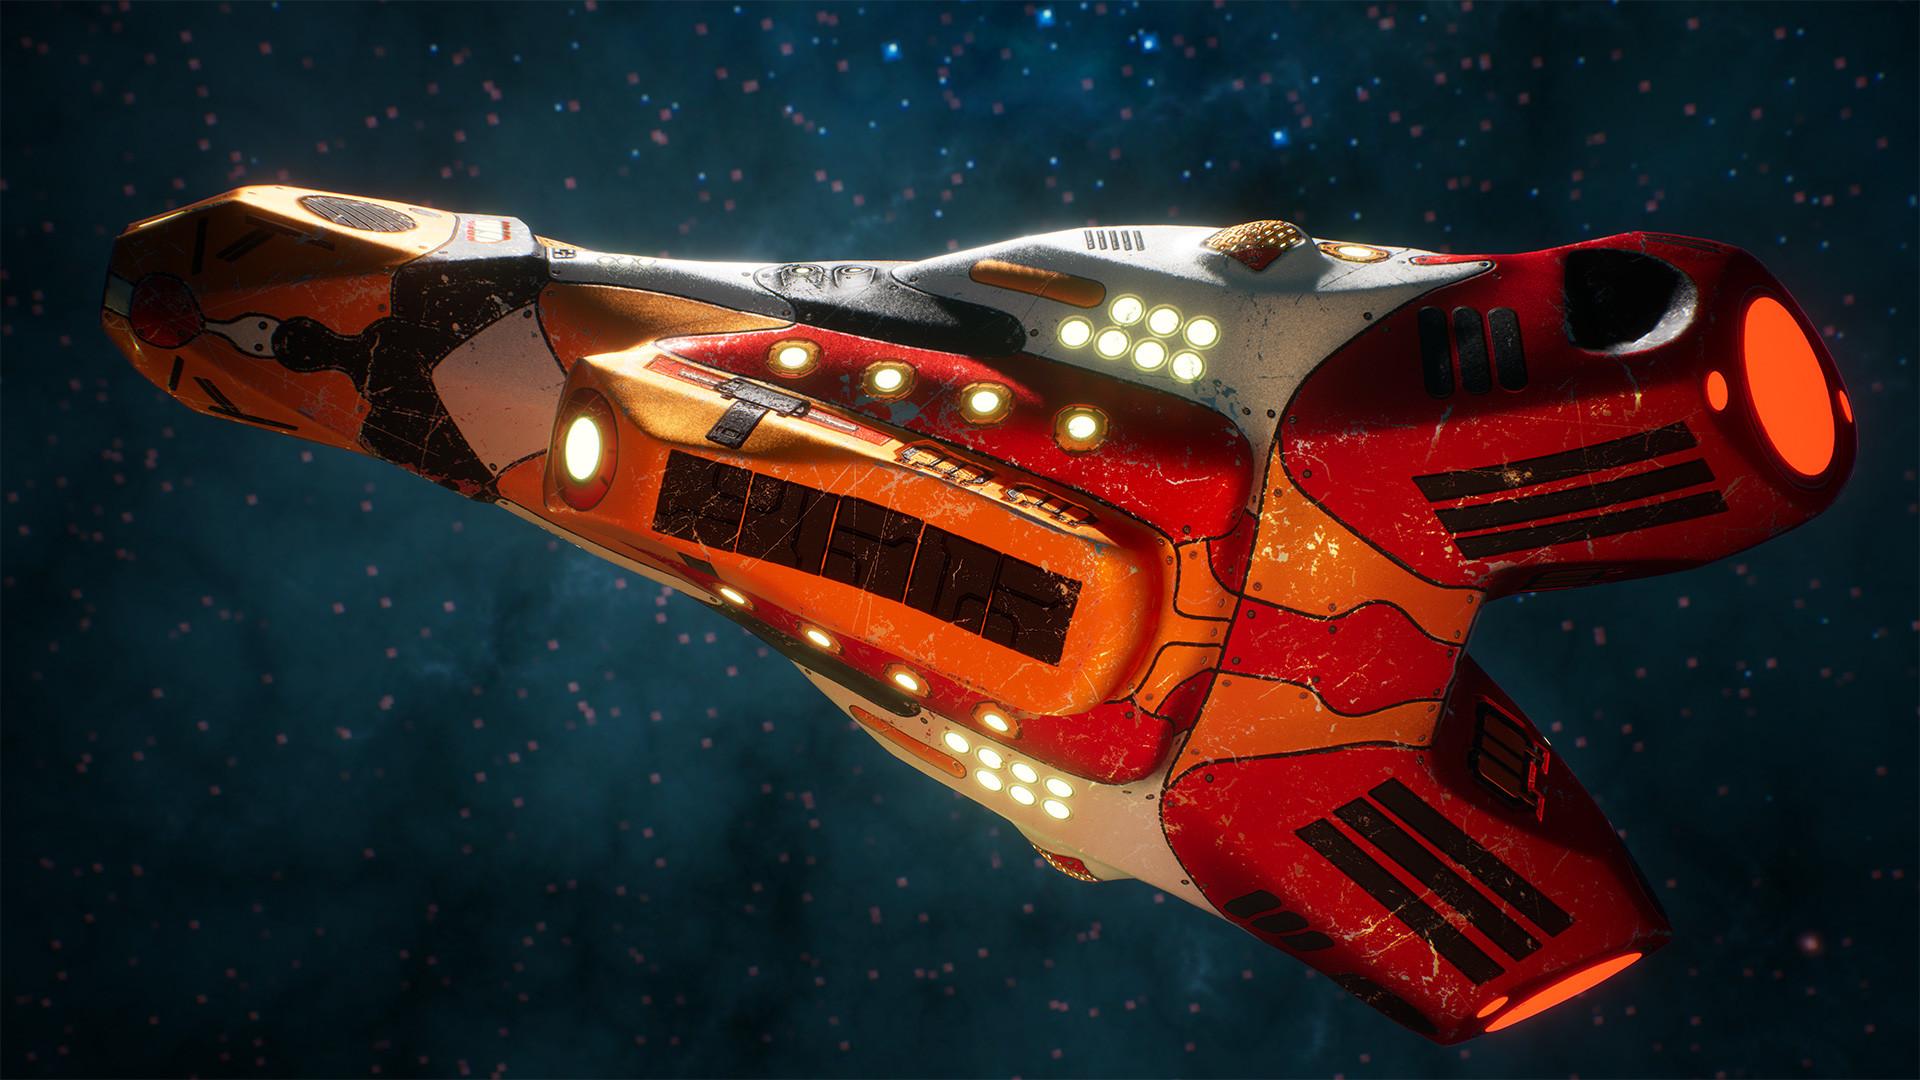 Andrew krivulya spaceship render 13